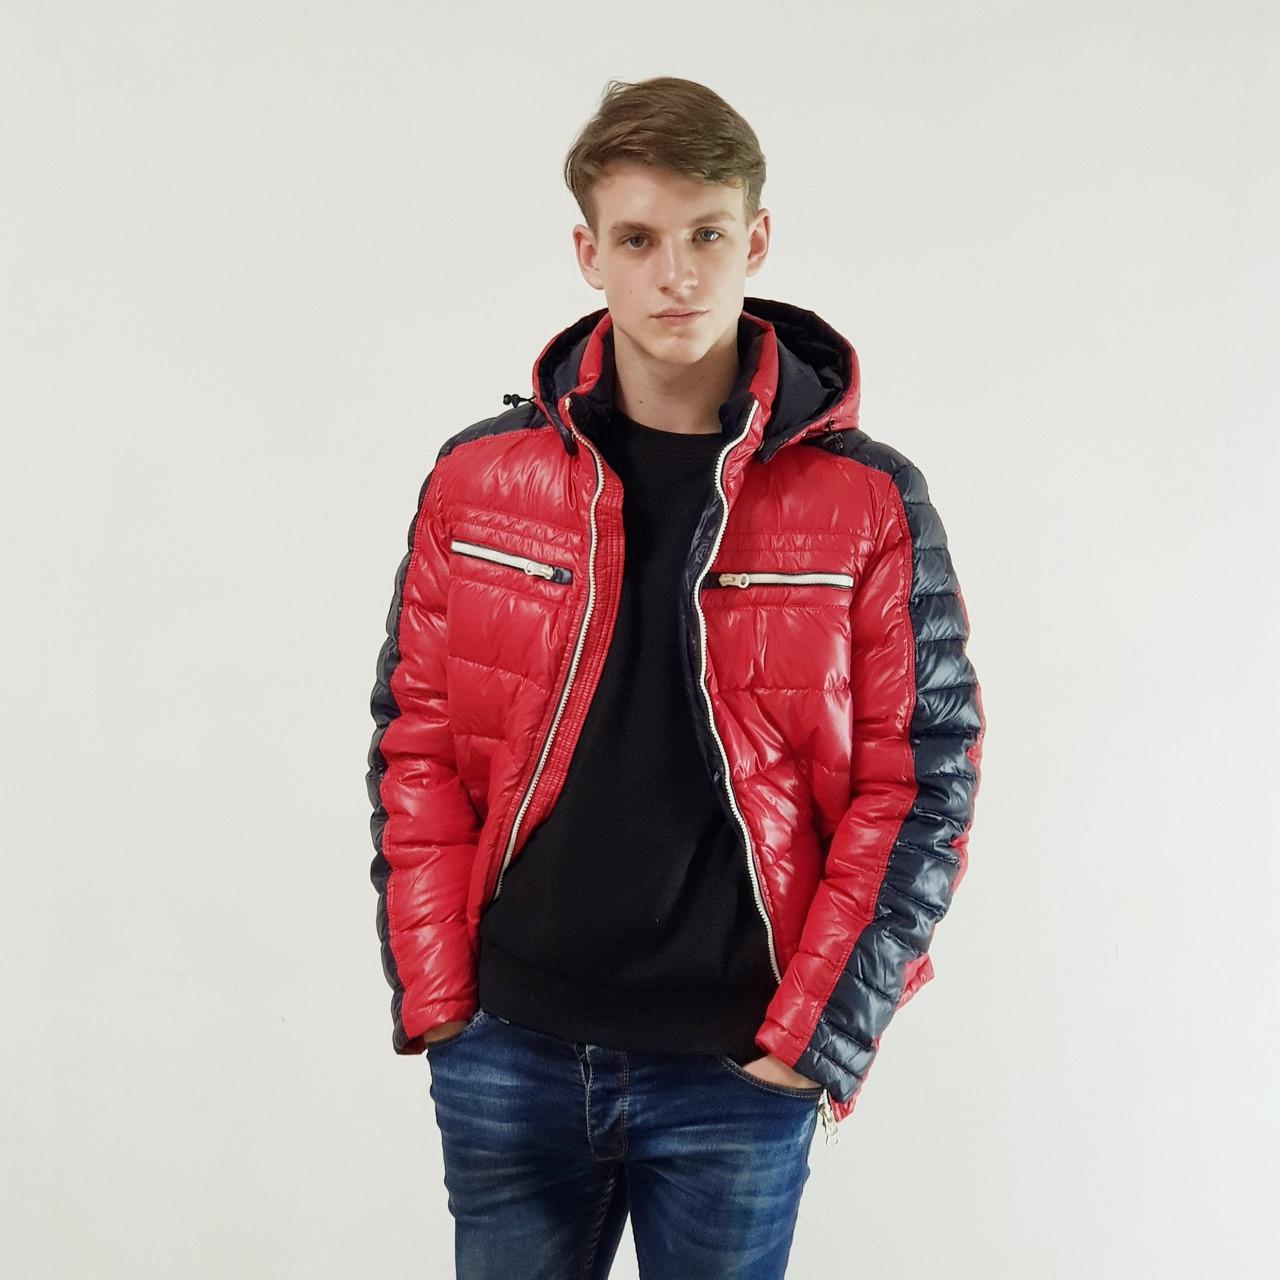 Пуховик мужской Snowimage  красный зимний на пуху с капюшоном